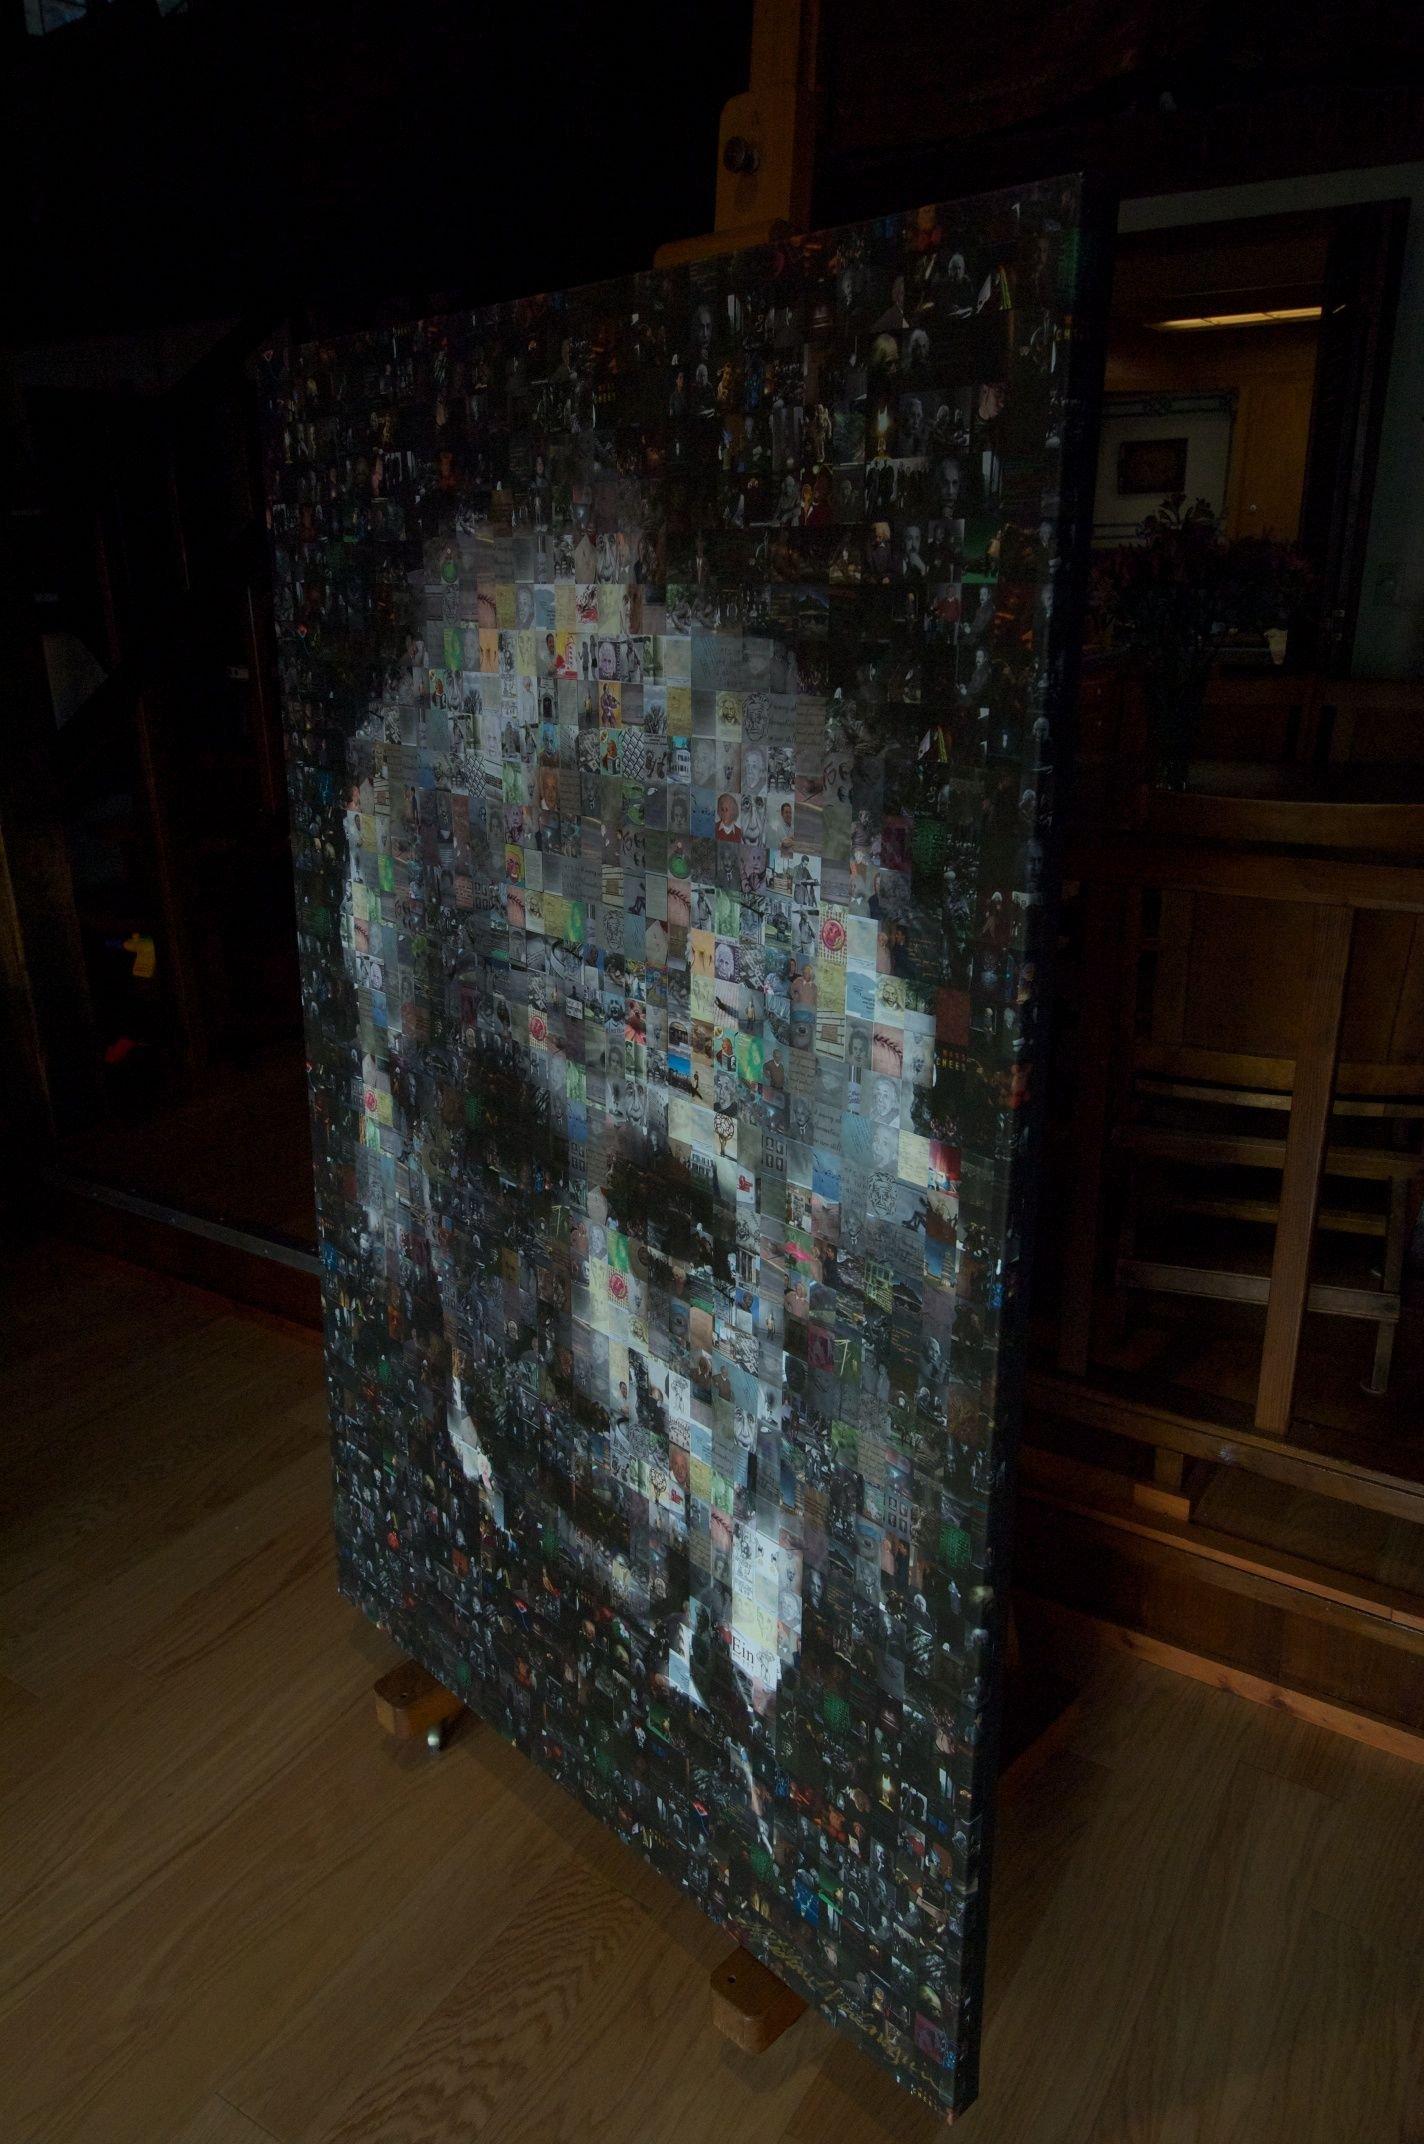 Albert Einstein Mosaic Photo Collage on Canvas